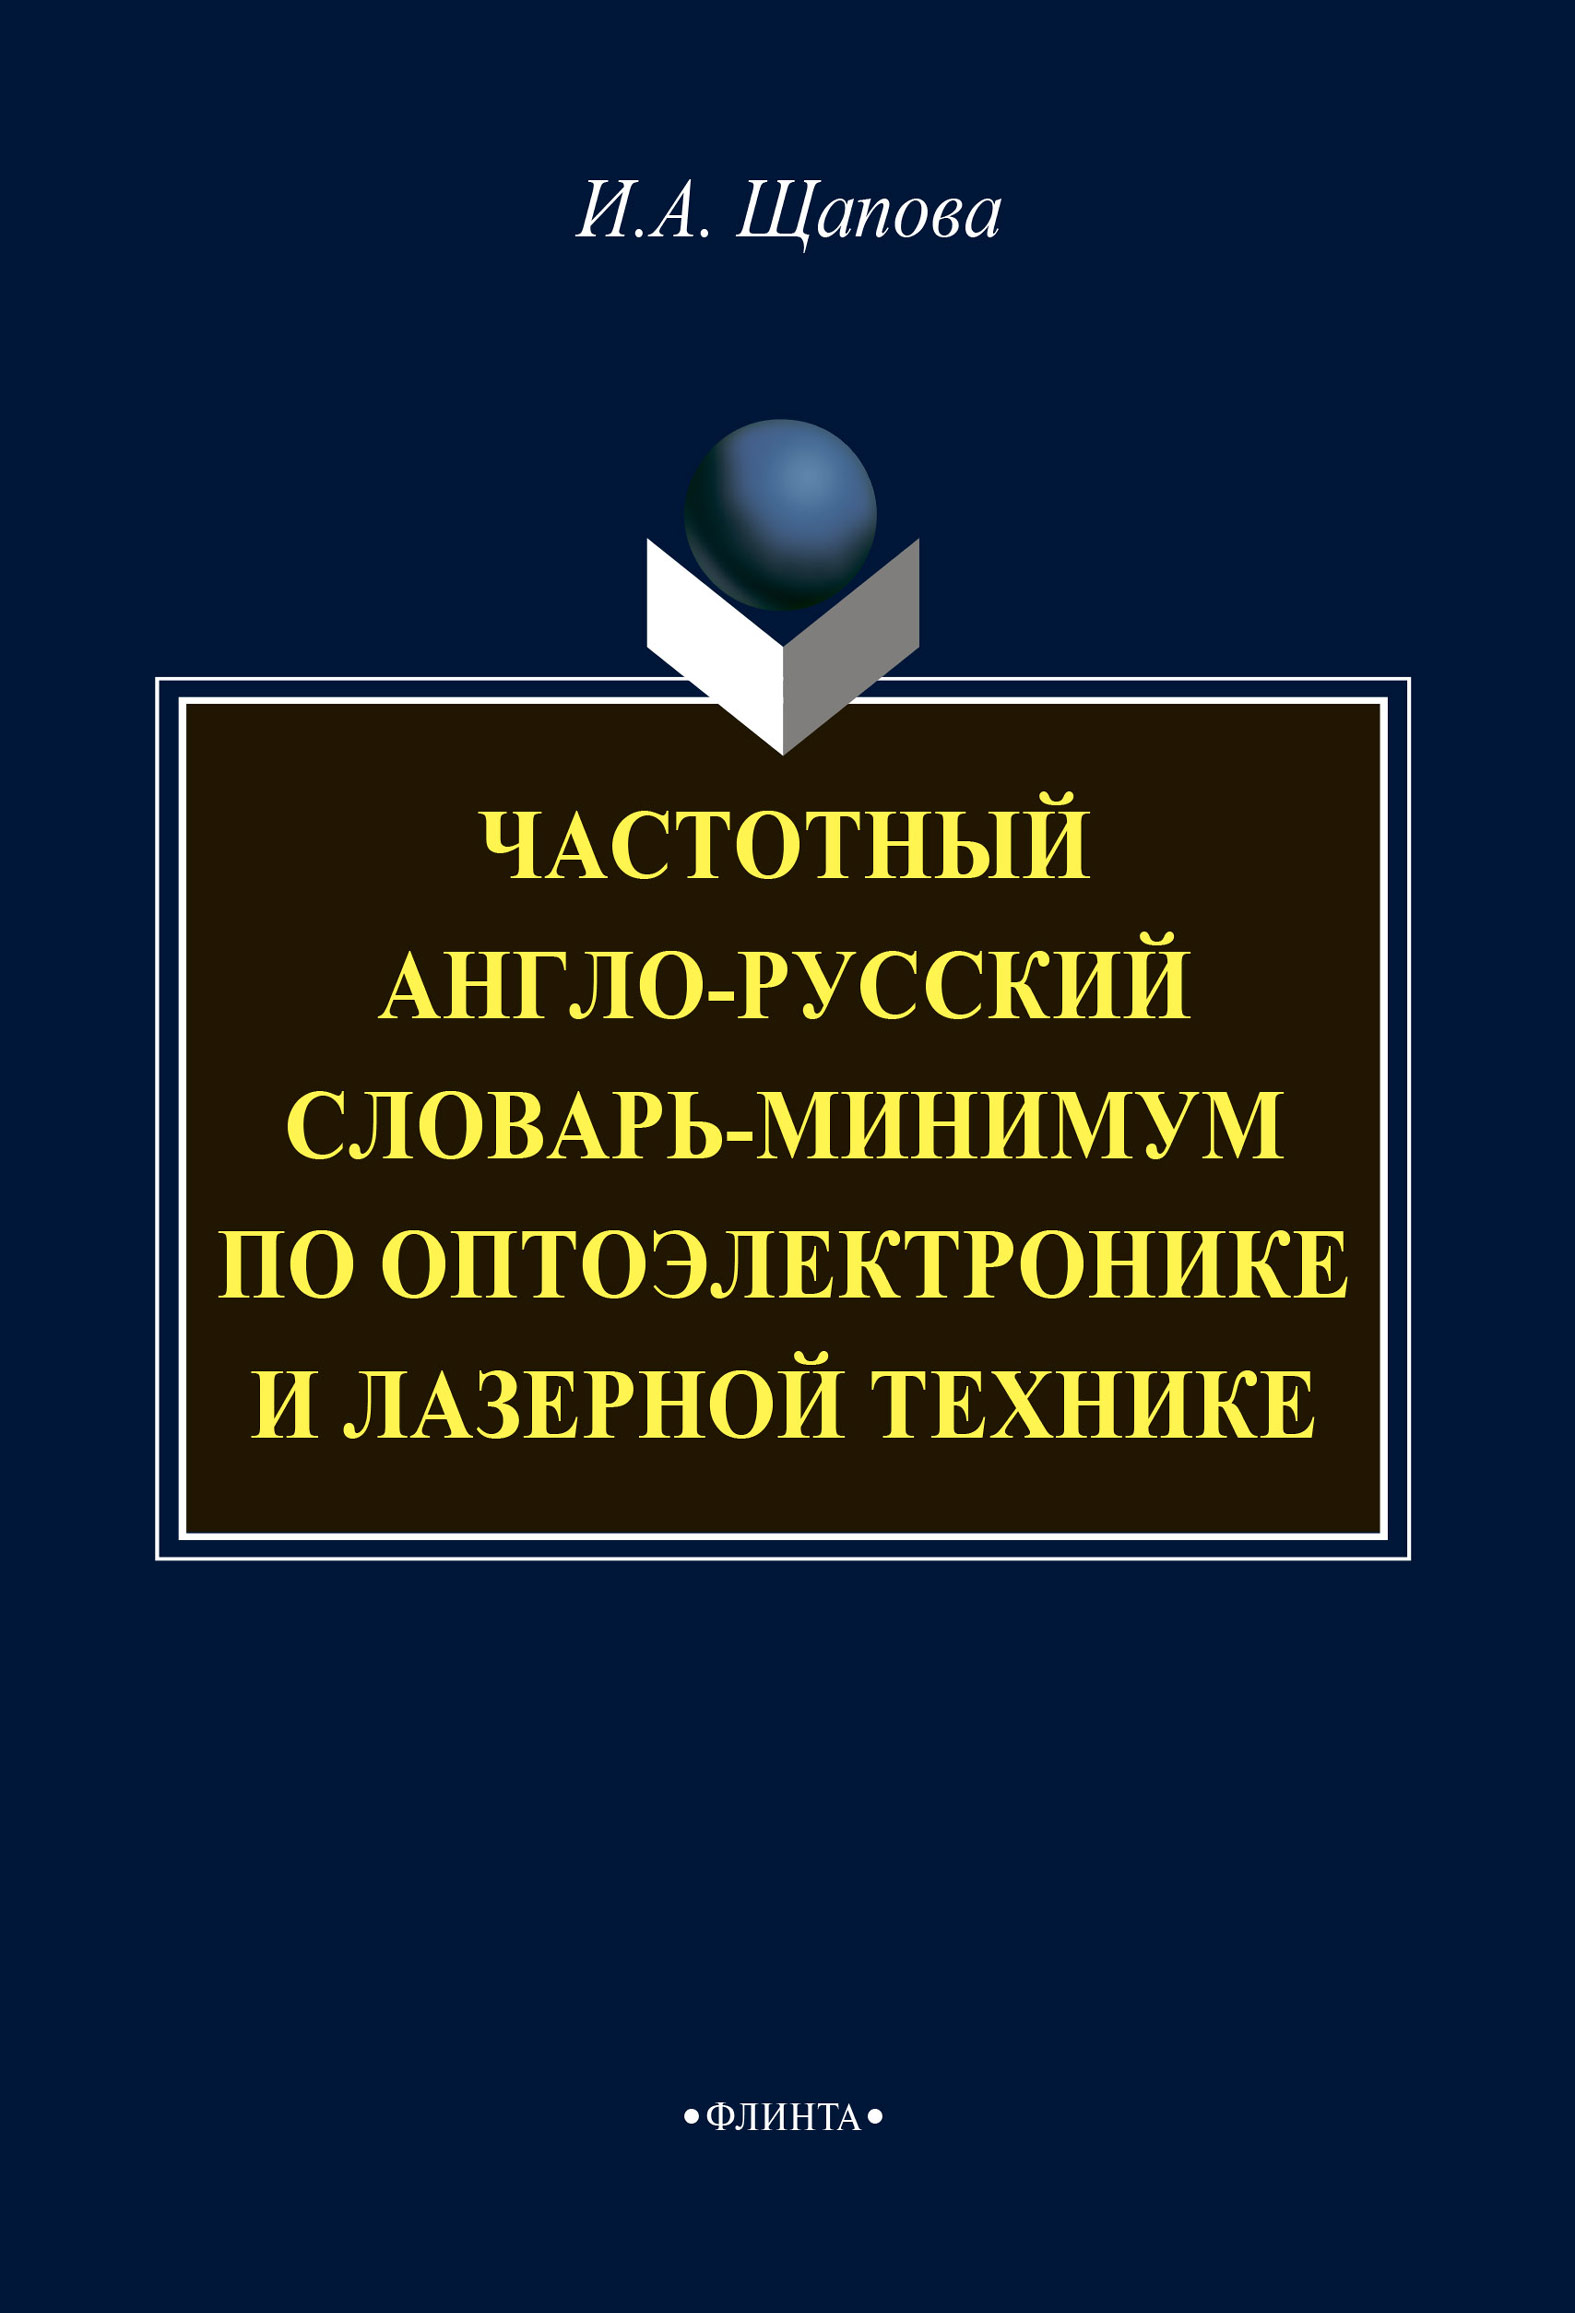 И. А. Щапова Частотный англо-русский словарь-минимум по оптоэлектронике и лазерной технике и а щапова частотный англо русский словарь минимум по оптоэлектронике и лазерной технике